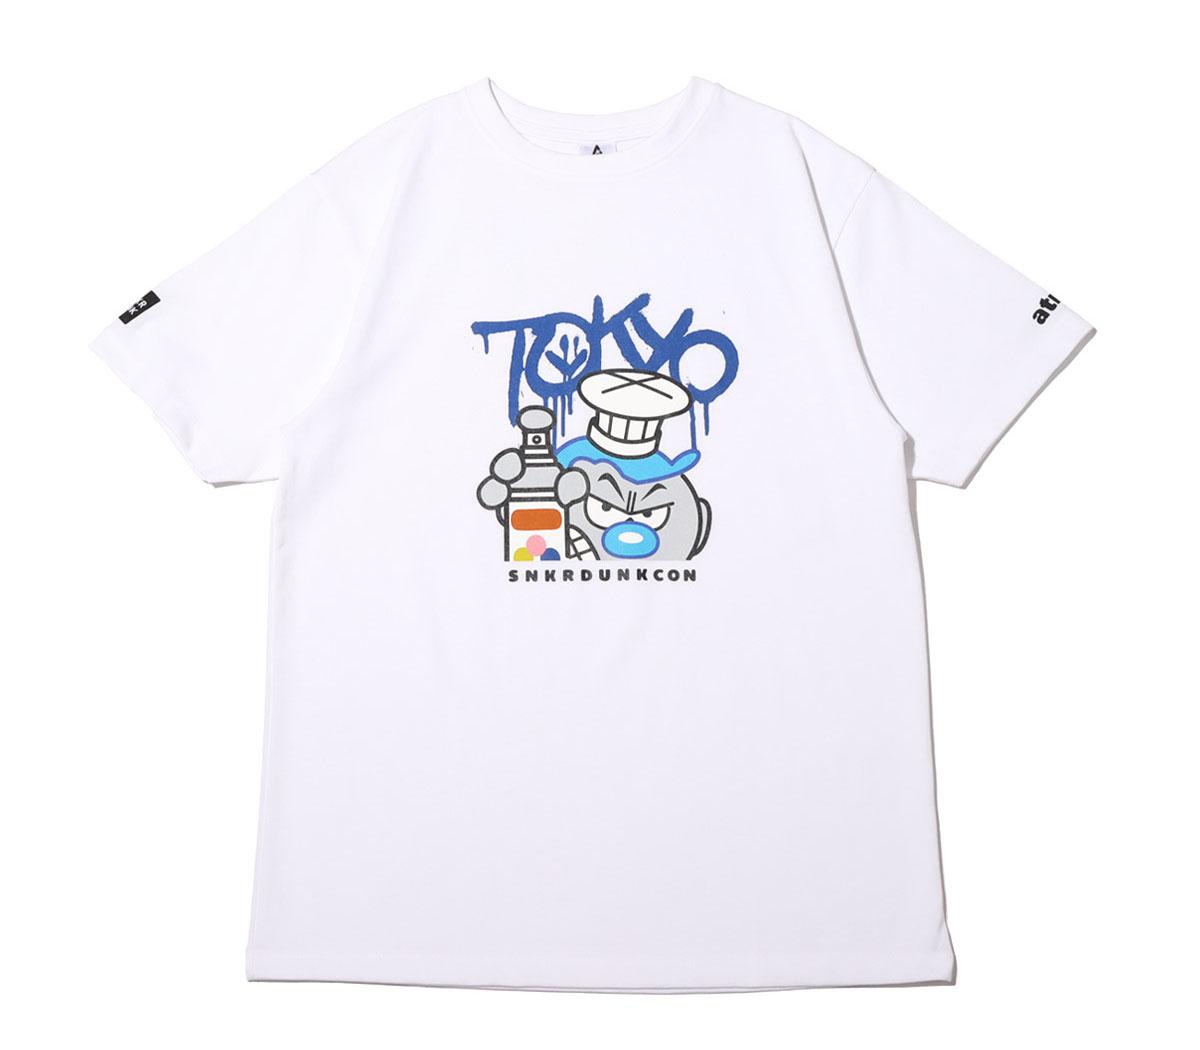 スニーカーダンク(スニダン)×COOK(クック)×atmos(アトモス) 東京限定Tシャツ